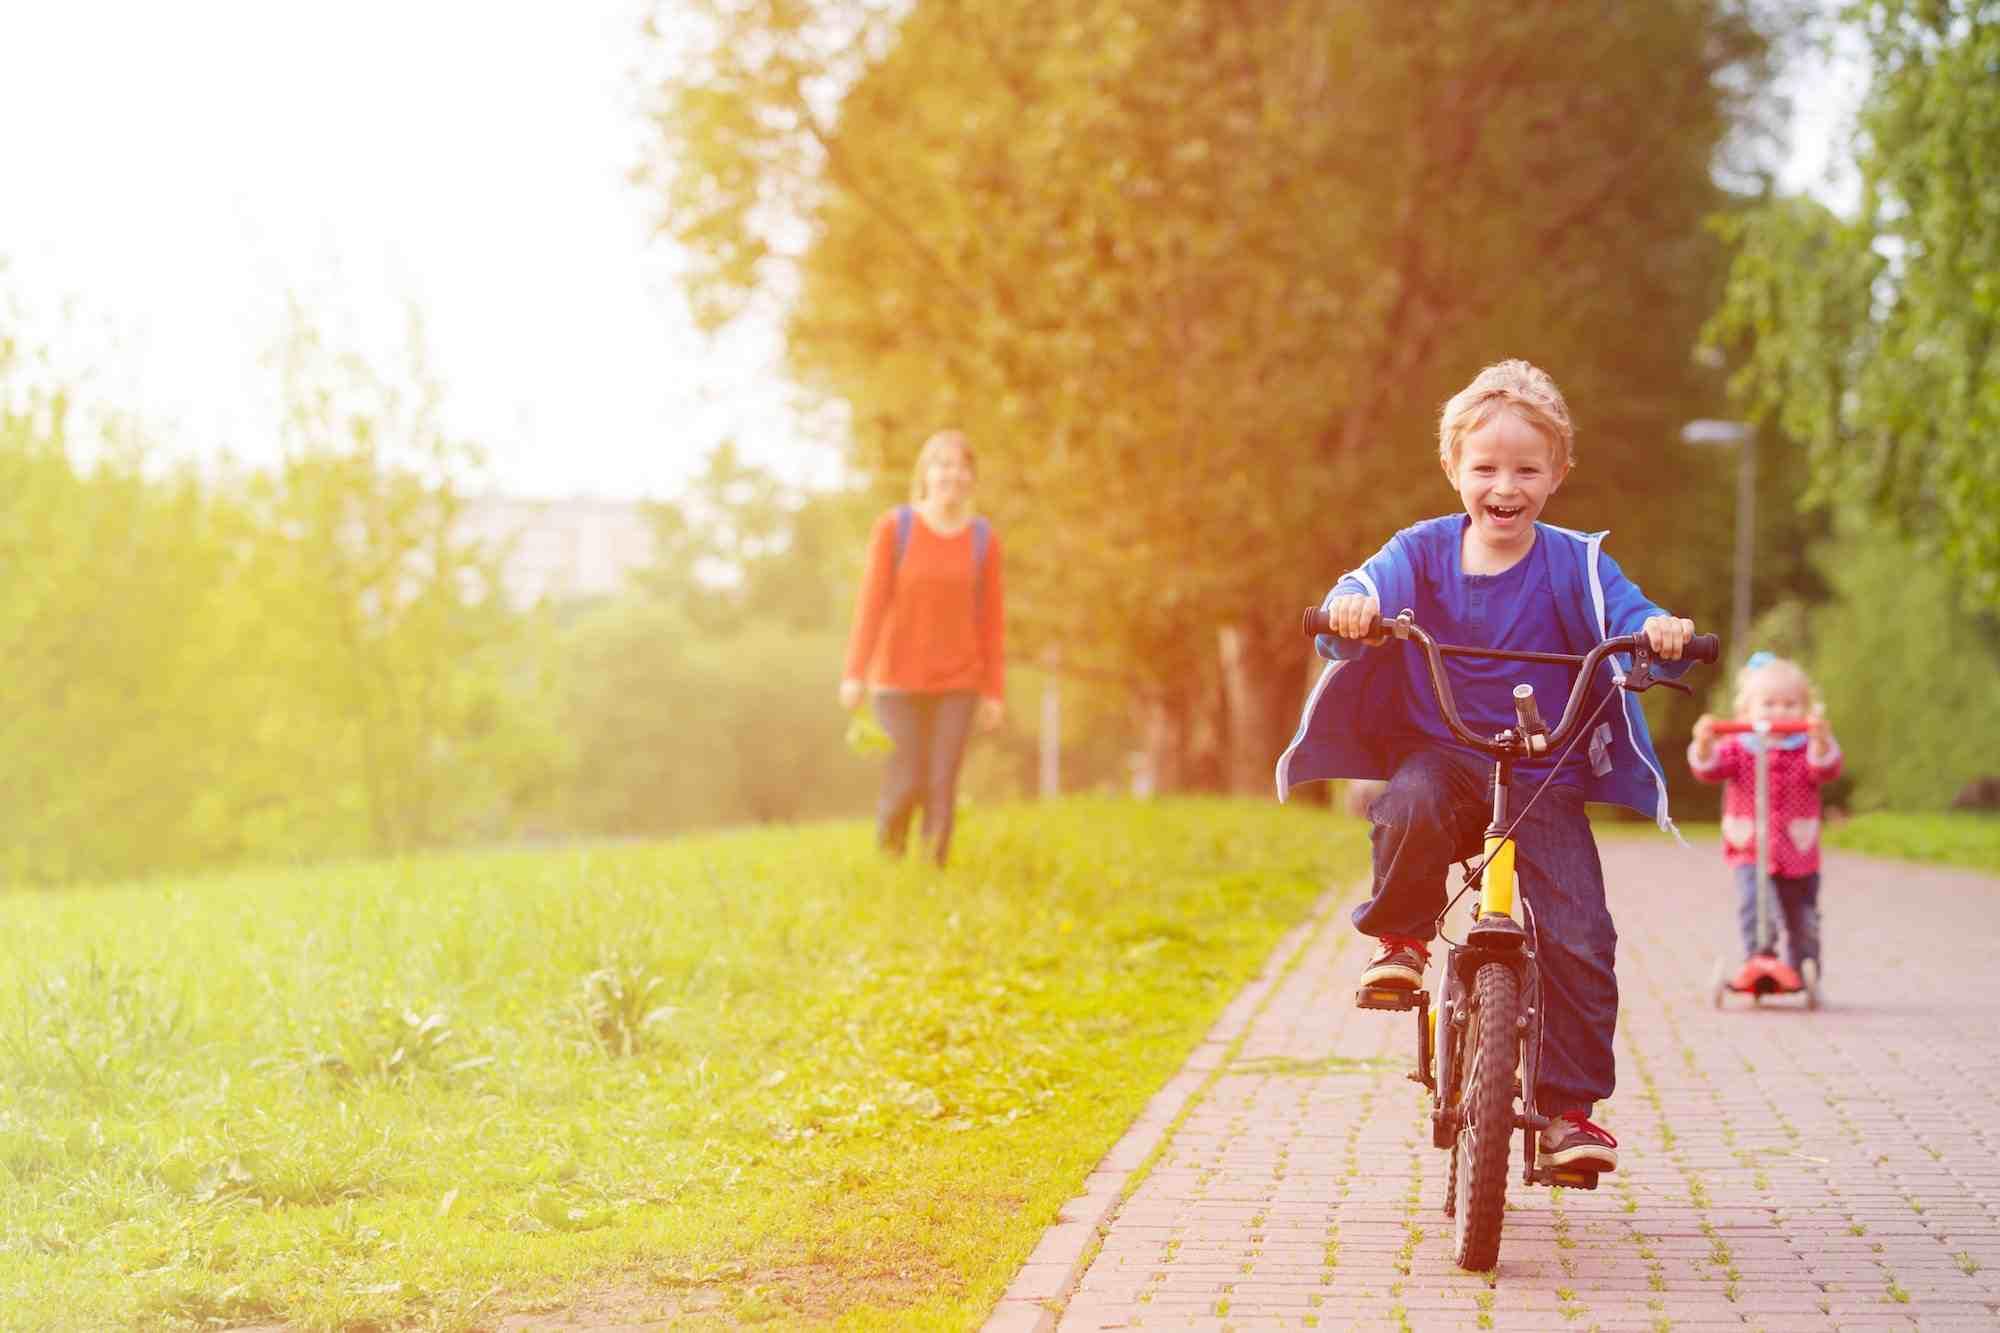 bici-ninos-montar-parque